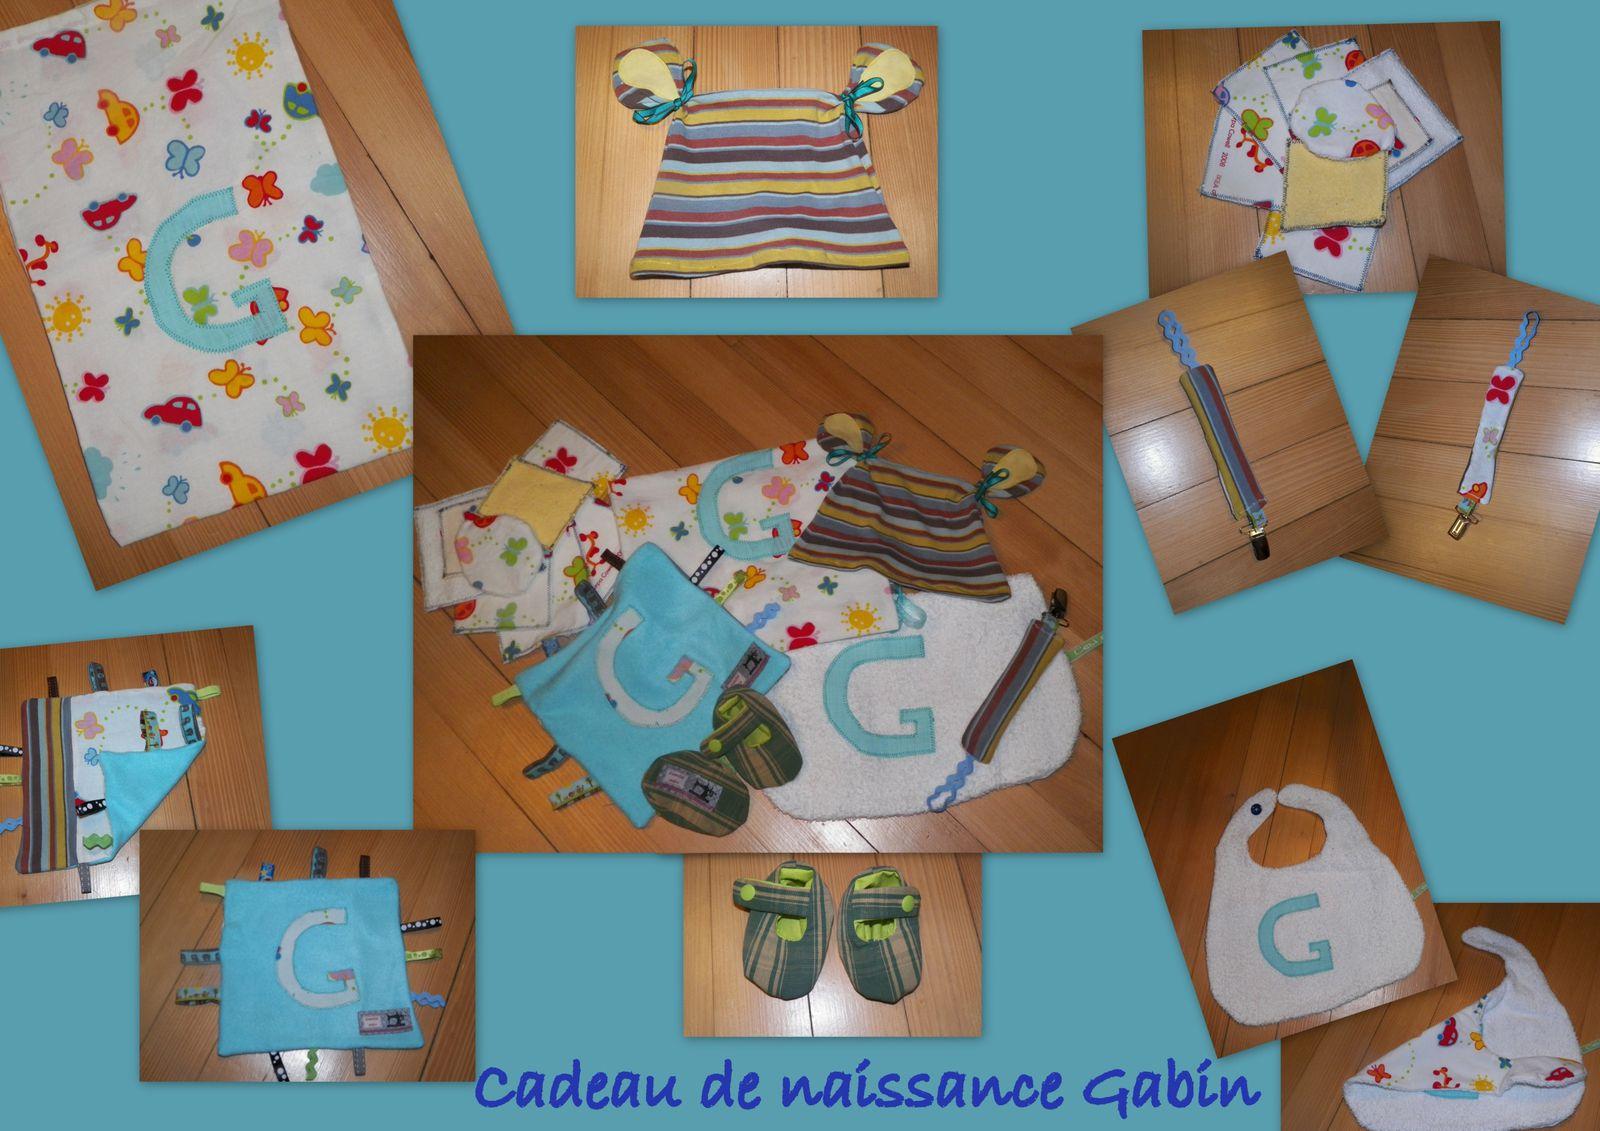 Doudou étiquettes, bavette simple avec lettres, attache tétine, lingettes lavables, chaussons naissance et bonnet de nounours.